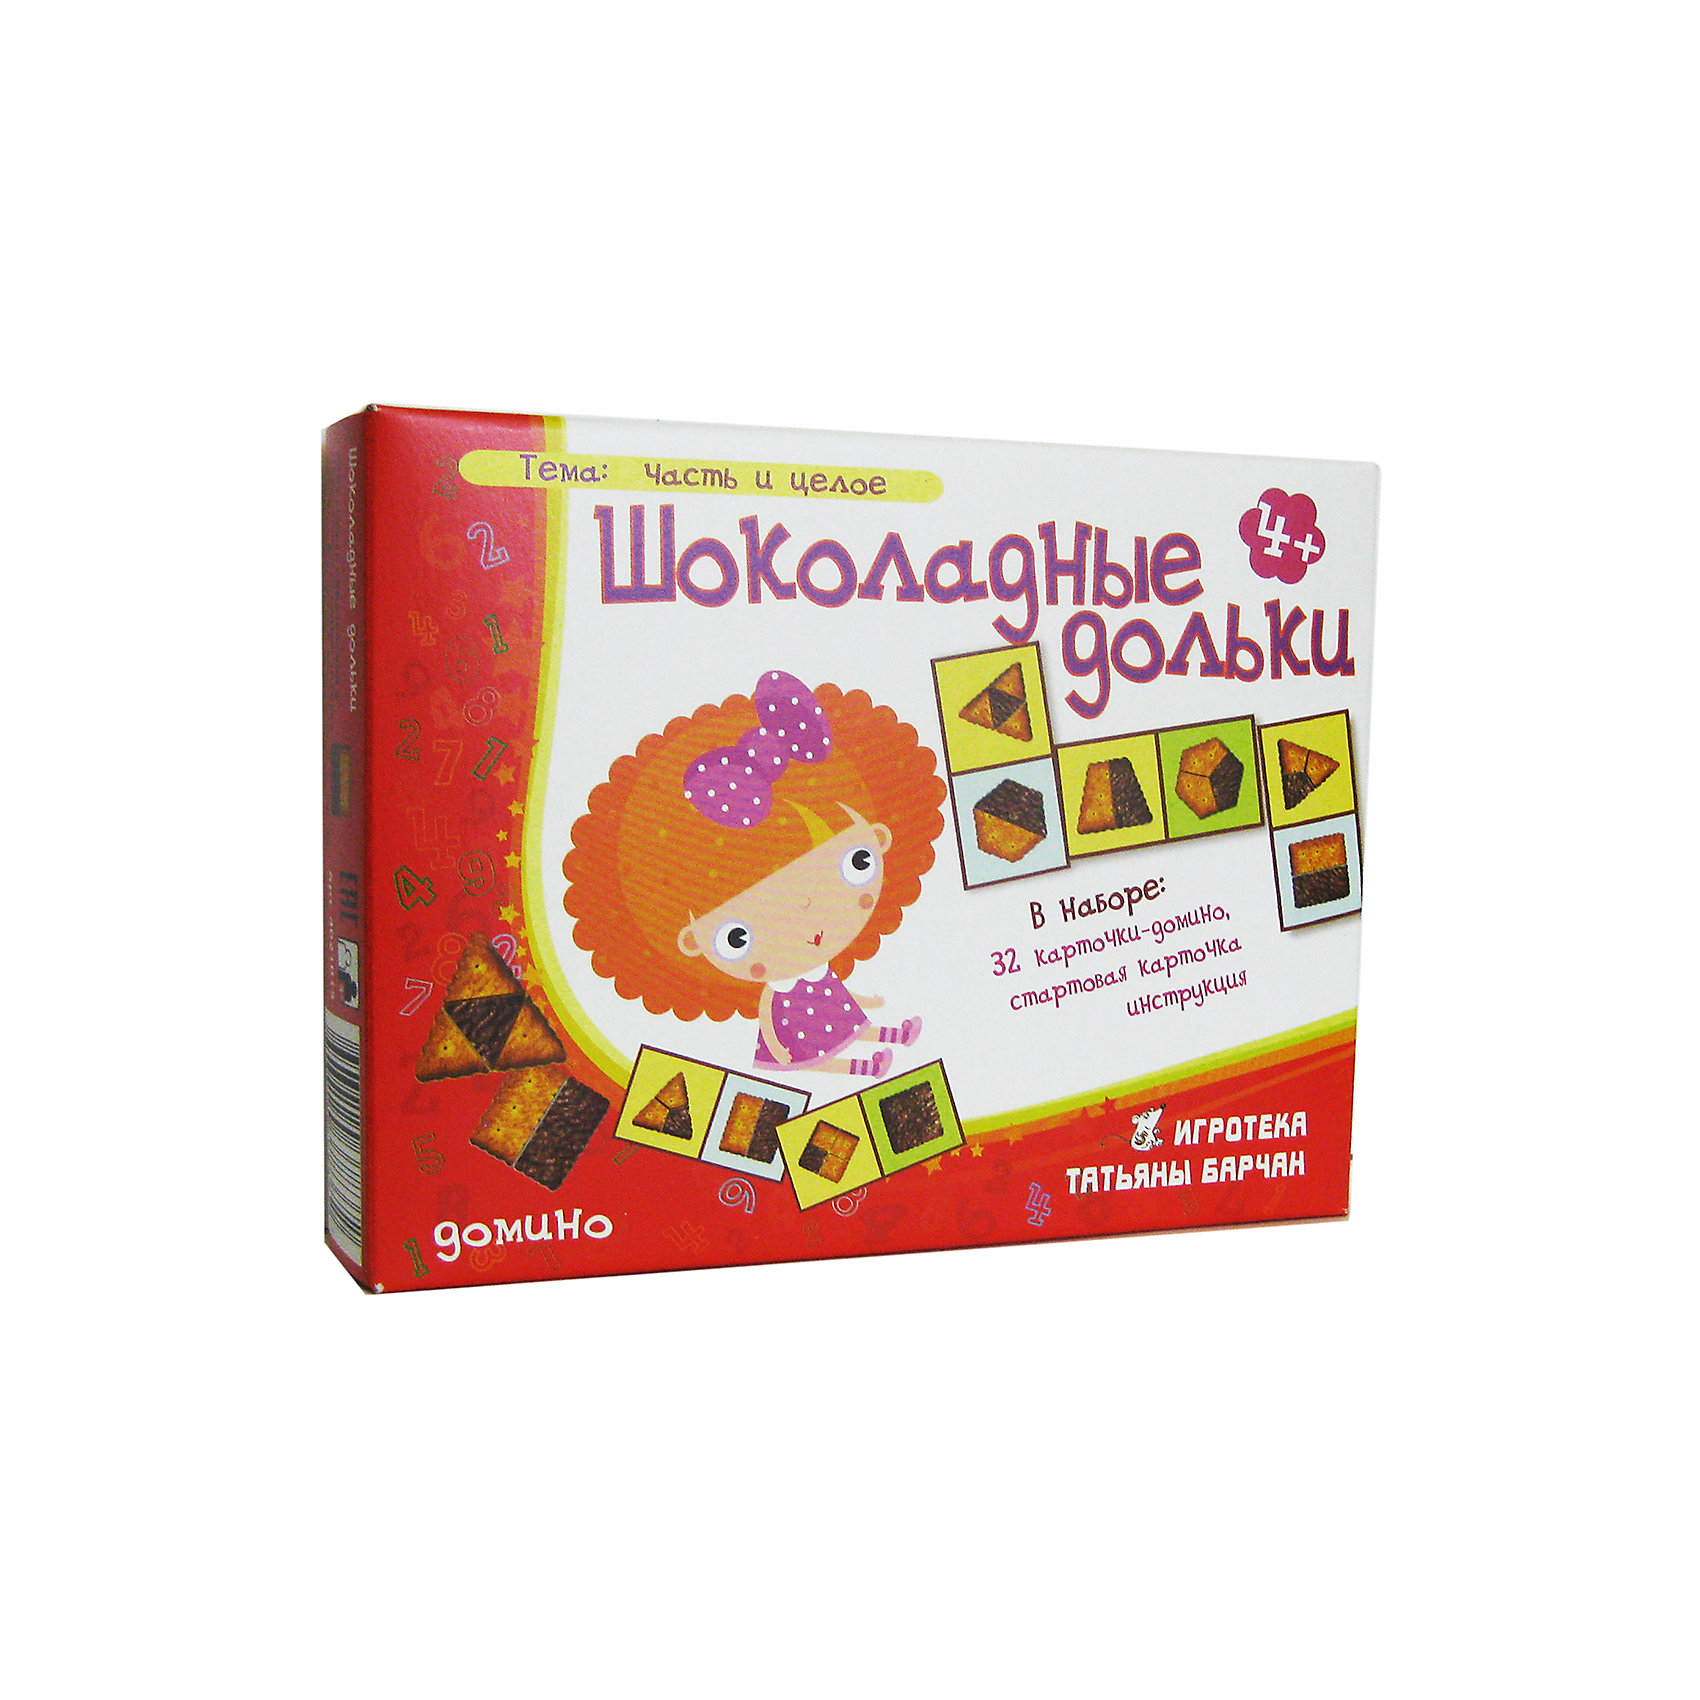 Шоколадные дольки, Игротека Татьяны БарчанОбучающие карточки<br>Не страшны нам трудные задачи, если решаем мы их на примере аппетитного шоколадного печенья! Мы просто играем в домино и знакомимся с частью целого. Малышам, которые научились считать до 4-х, предлагаем найти печенье с одинаковым количеством частей. Если формы у печенья одинаковые, можно обратить внимание на закономерность: чем больше частей, тем меньше шоколада. <br>Так простая игра с шоколадными фигурками помогает игрокам усвоить темы: плоские геометрические  фигуры, деление целого на части, сравнение частей.<br>В комплекте: стартовая карточка, 32 карточки-домино, инструкция<br><br>Ширина мм: 180<br>Глубина мм: 135<br>Высота мм: 40<br>Вес г: 207<br>Возраст от месяцев: 48<br>Возраст до месяцев: 84<br>Пол: Унисекс<br>Возраст: Детский<br>SKU: 6751376